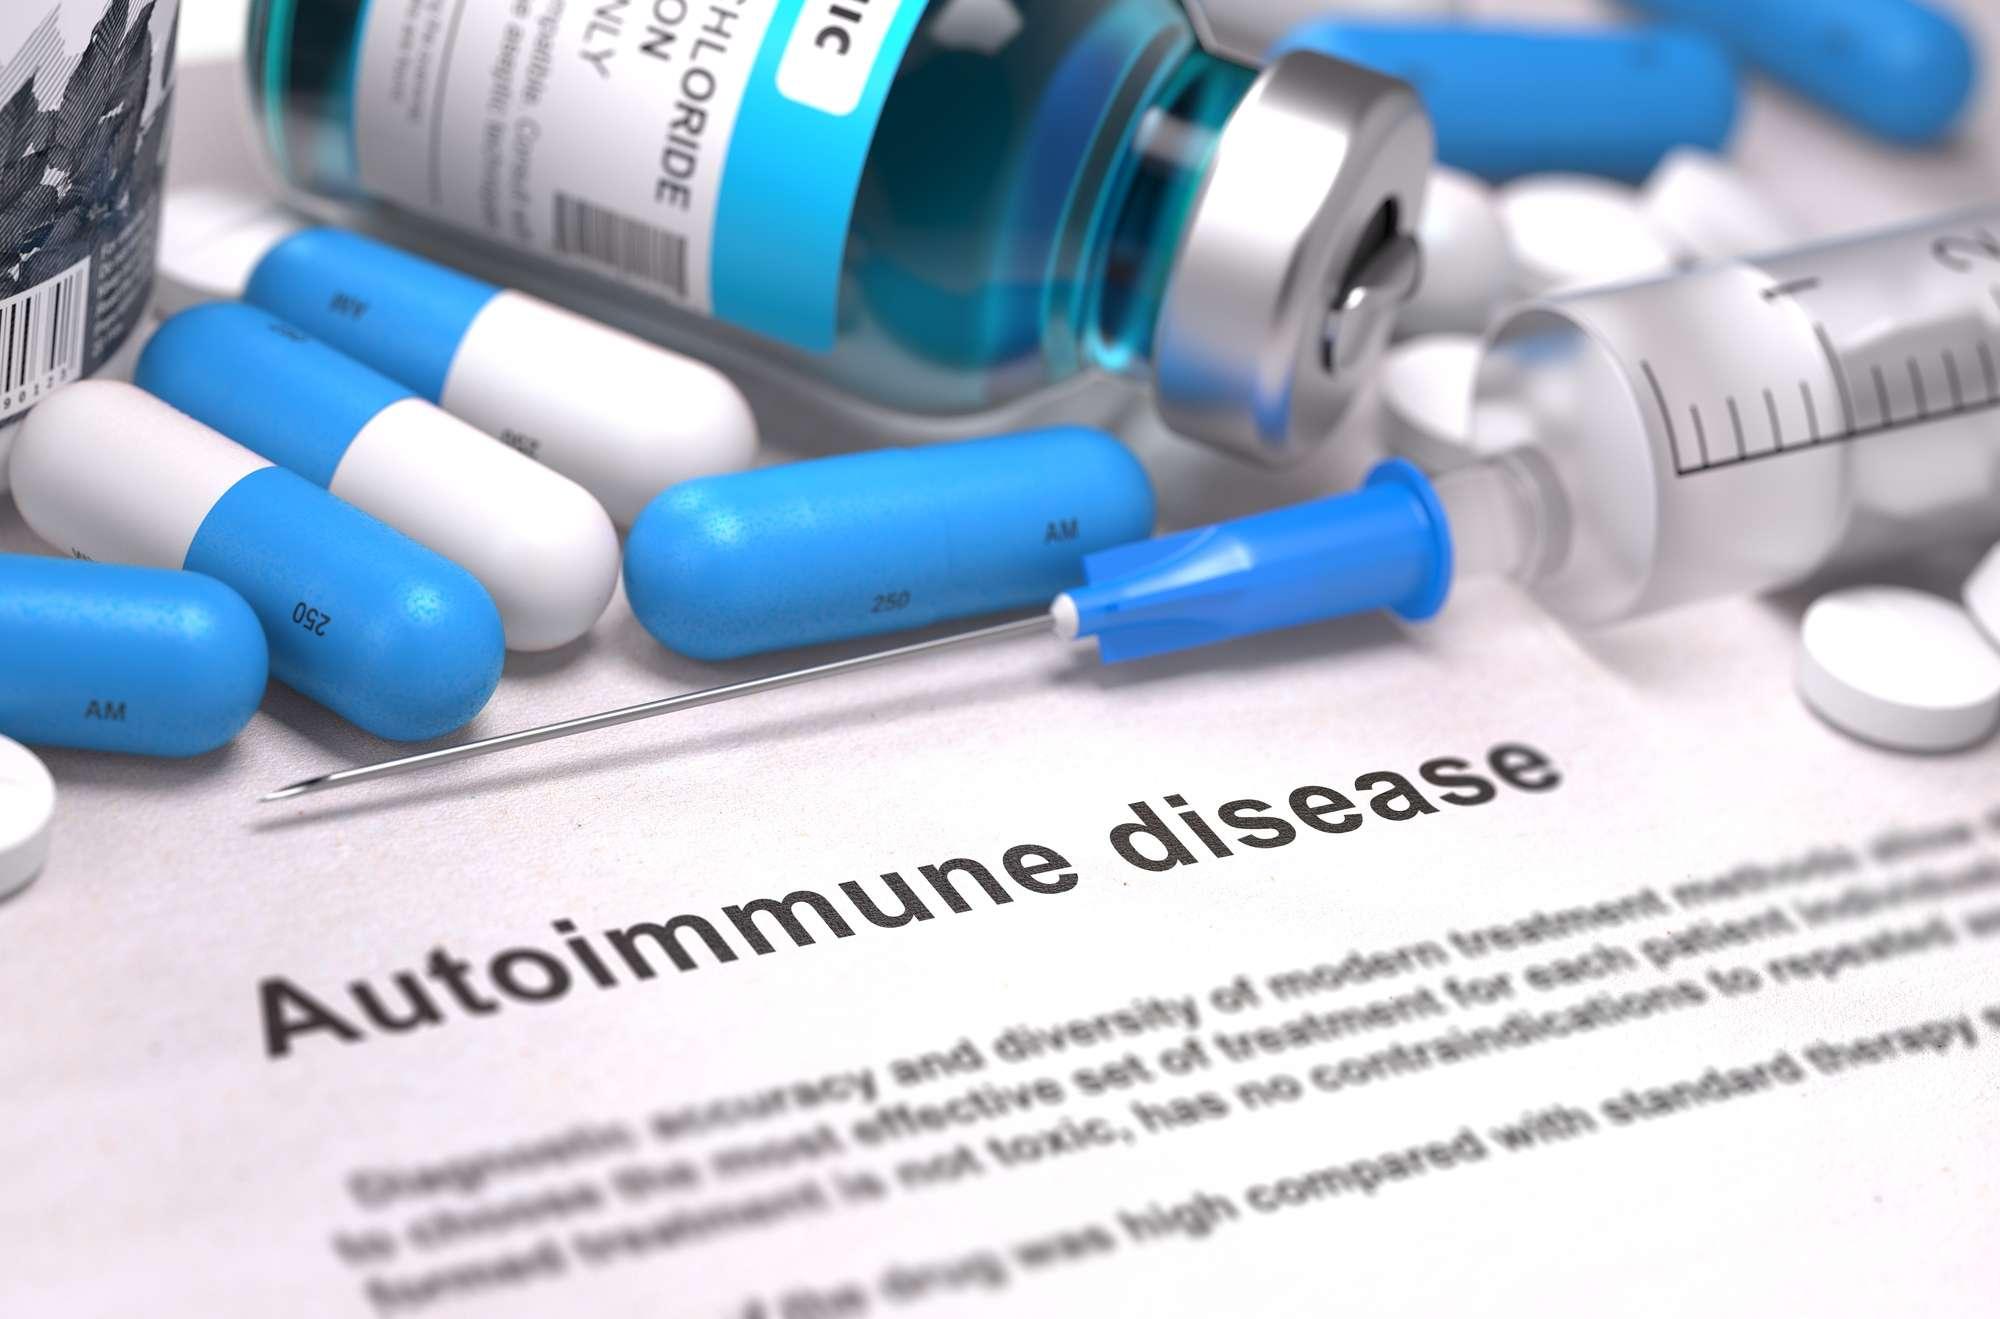 Az autoimmun betegségek felmérhetőek panel labor segítségével